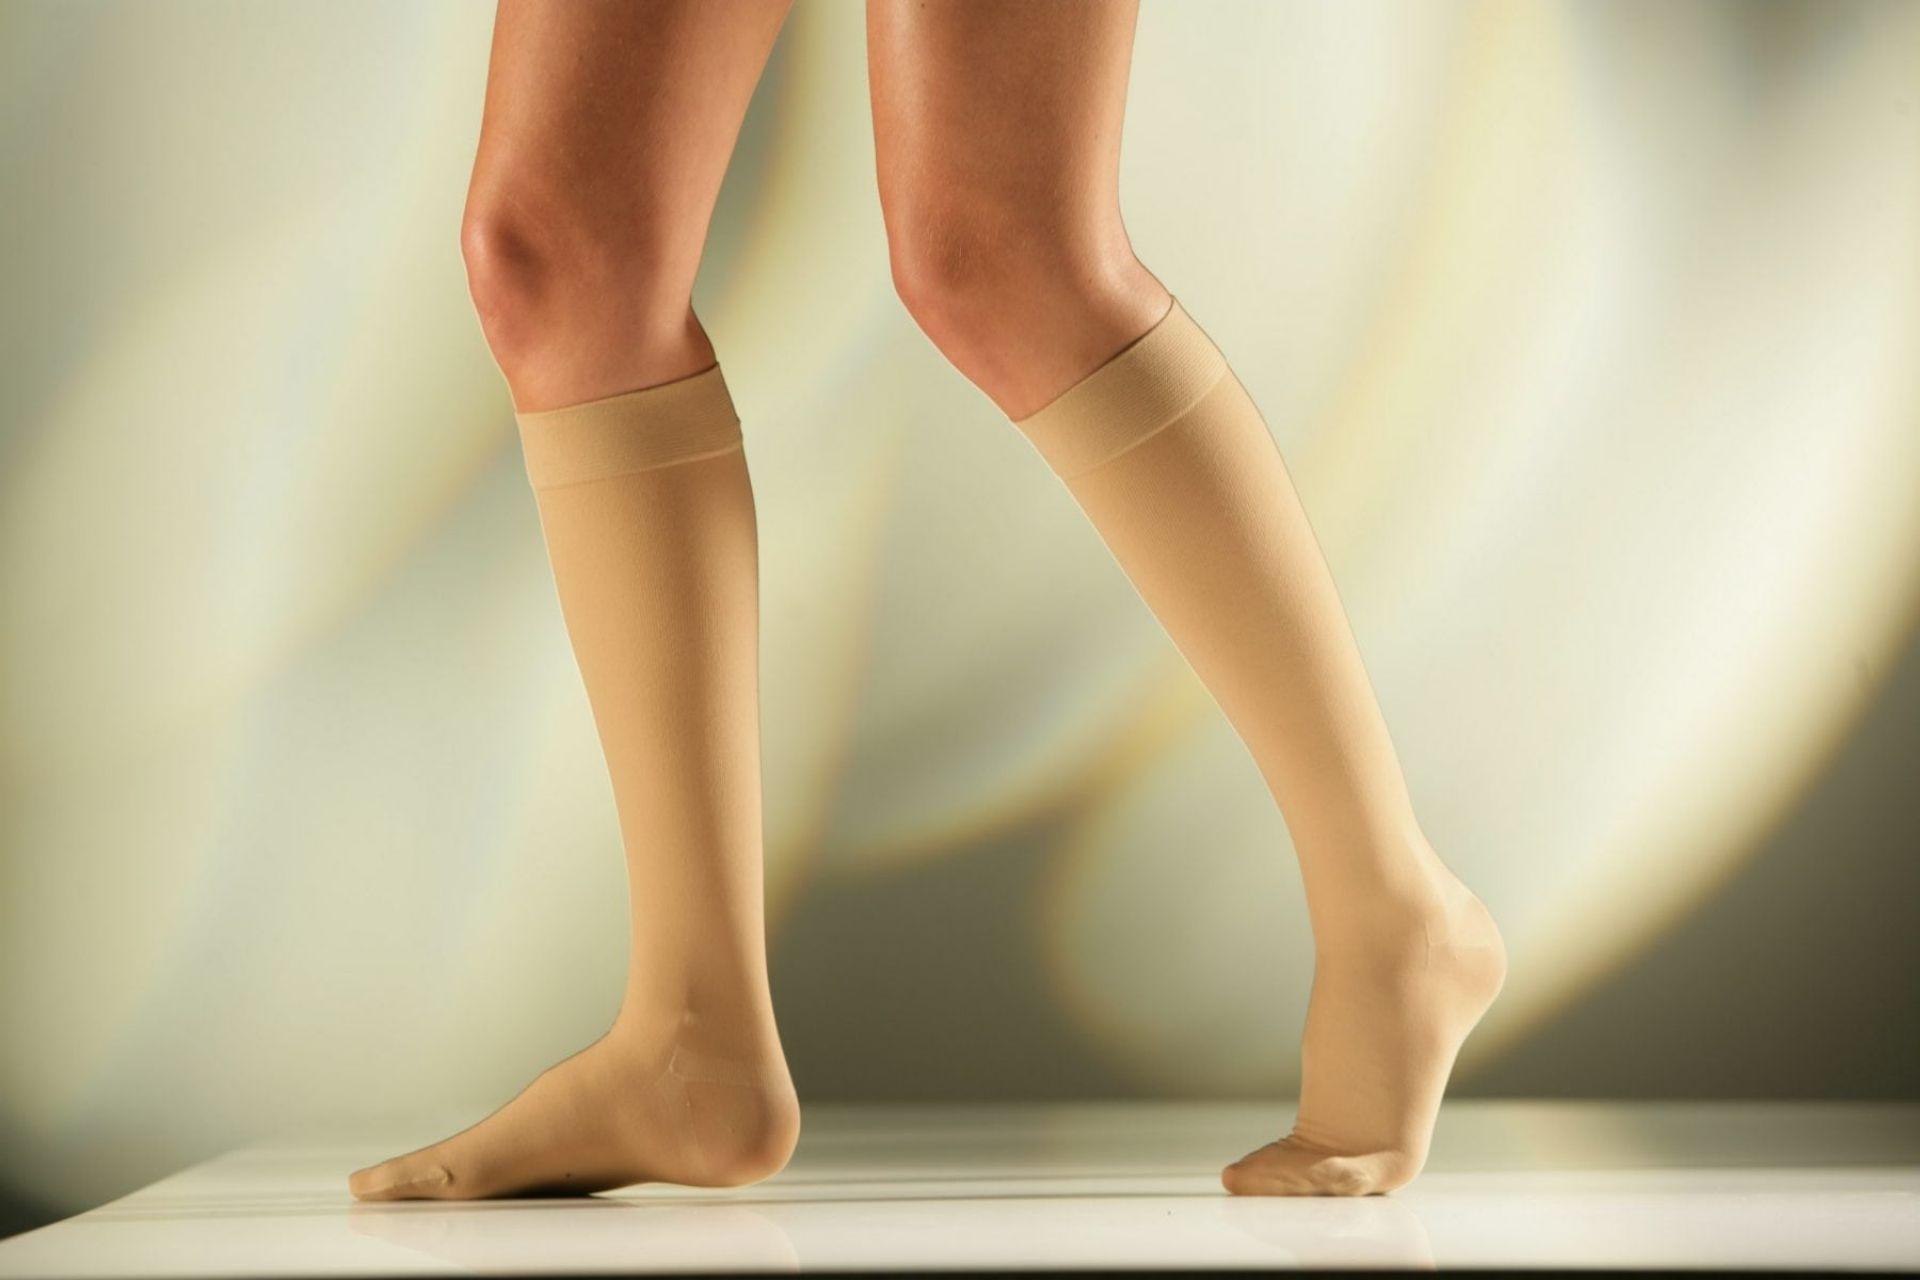 Η συμπίεση διευκολύνει την επιστροφή του αίματος από τις φλέβες, μειώνει τη φλεβική πίεση και τη διαστολή των φλεβών, εμποδίζει τη στάση του αίματος στις φλέβες και την καταστροφή των φλεβικών τοιχωμάτων.